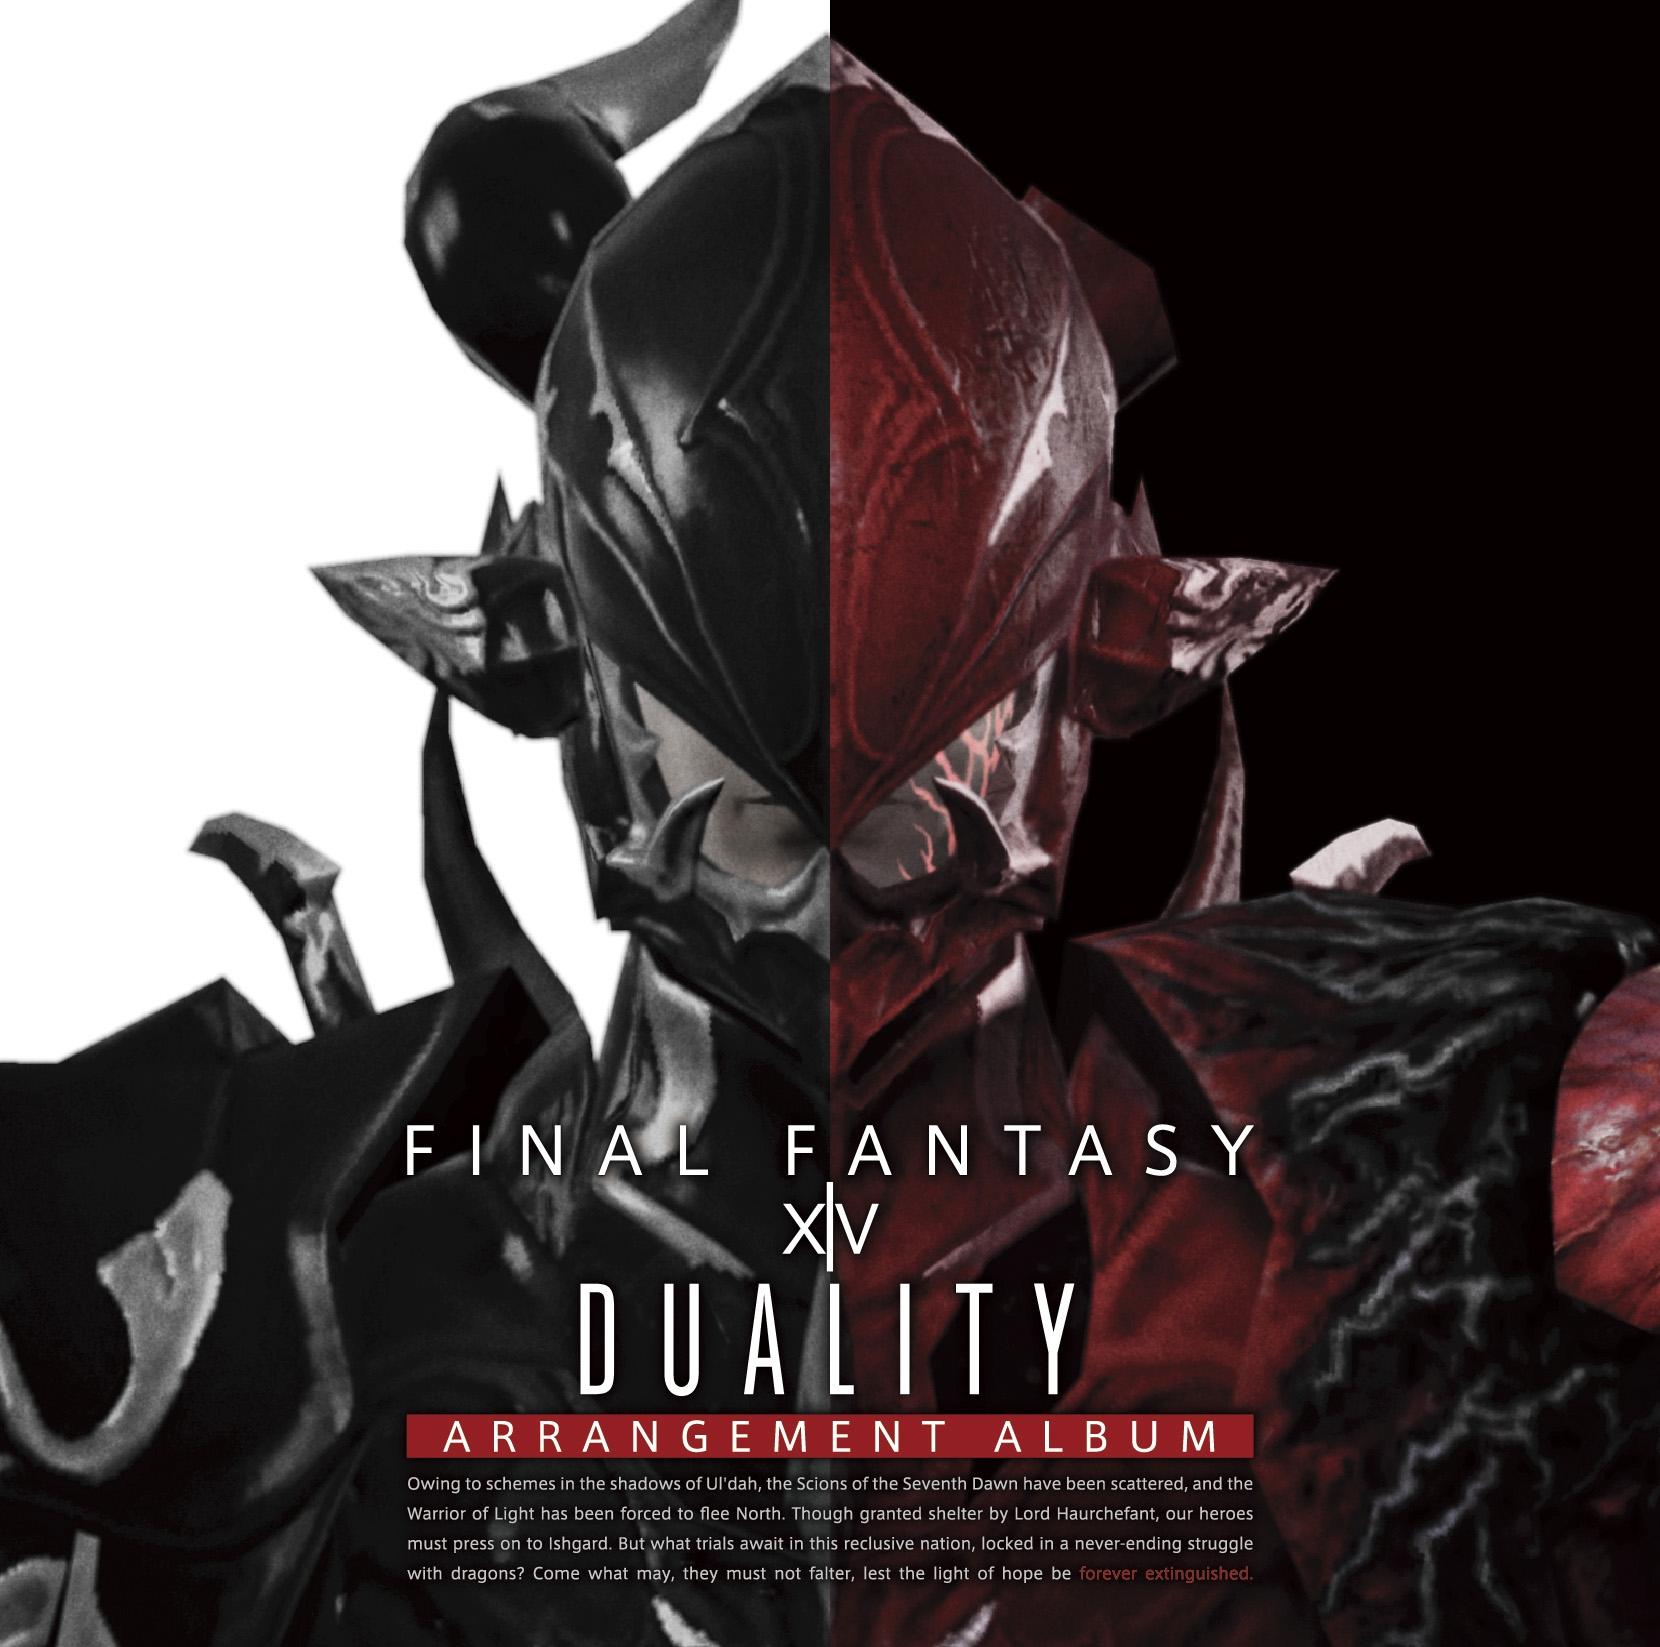 Final Fantasy XIV: Duality ~Arrangement Album~